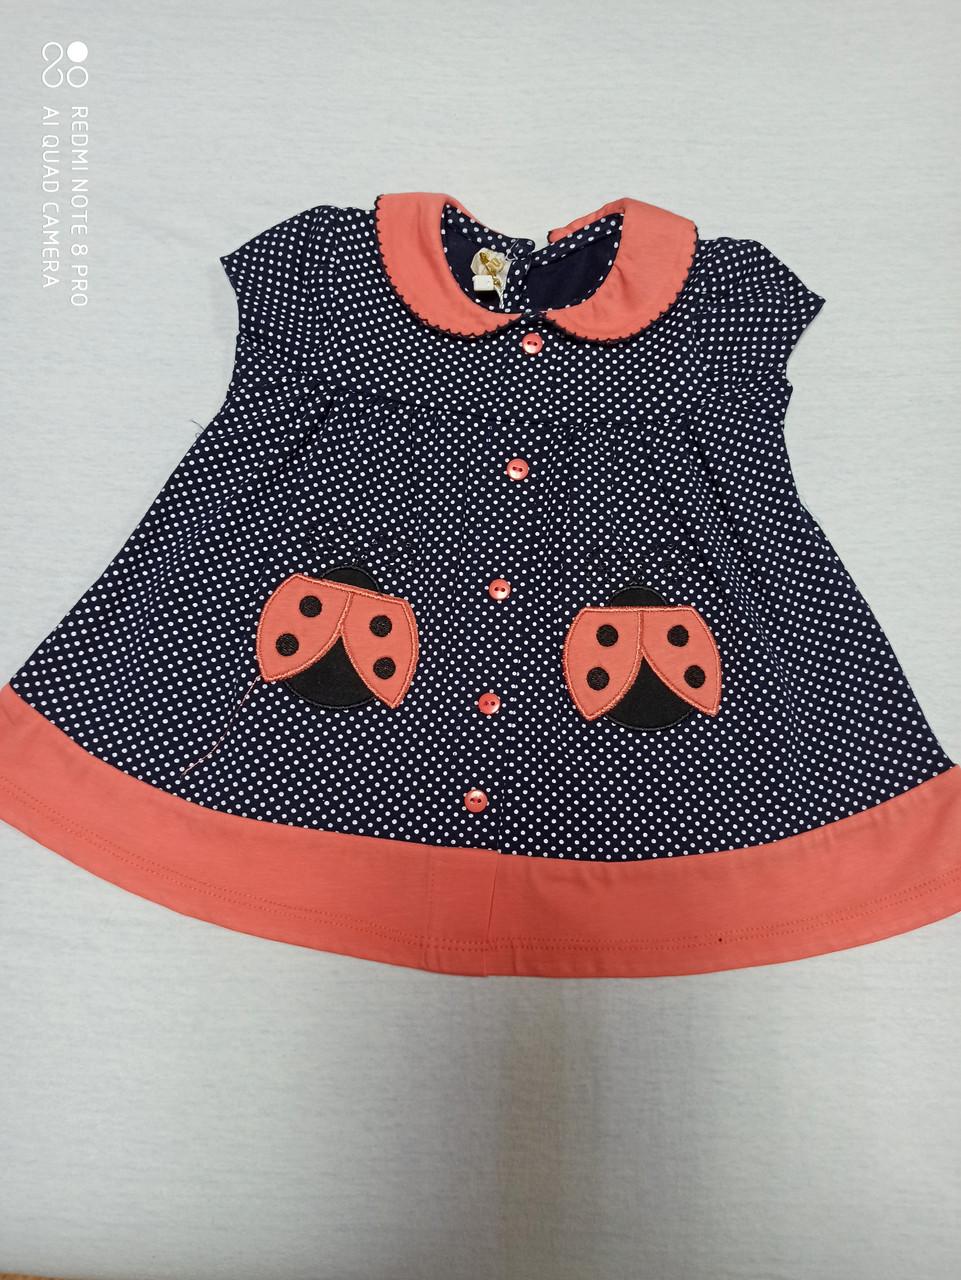 Платье для новорожденных модное красивое нарядное . Размеры 68.74 рост.